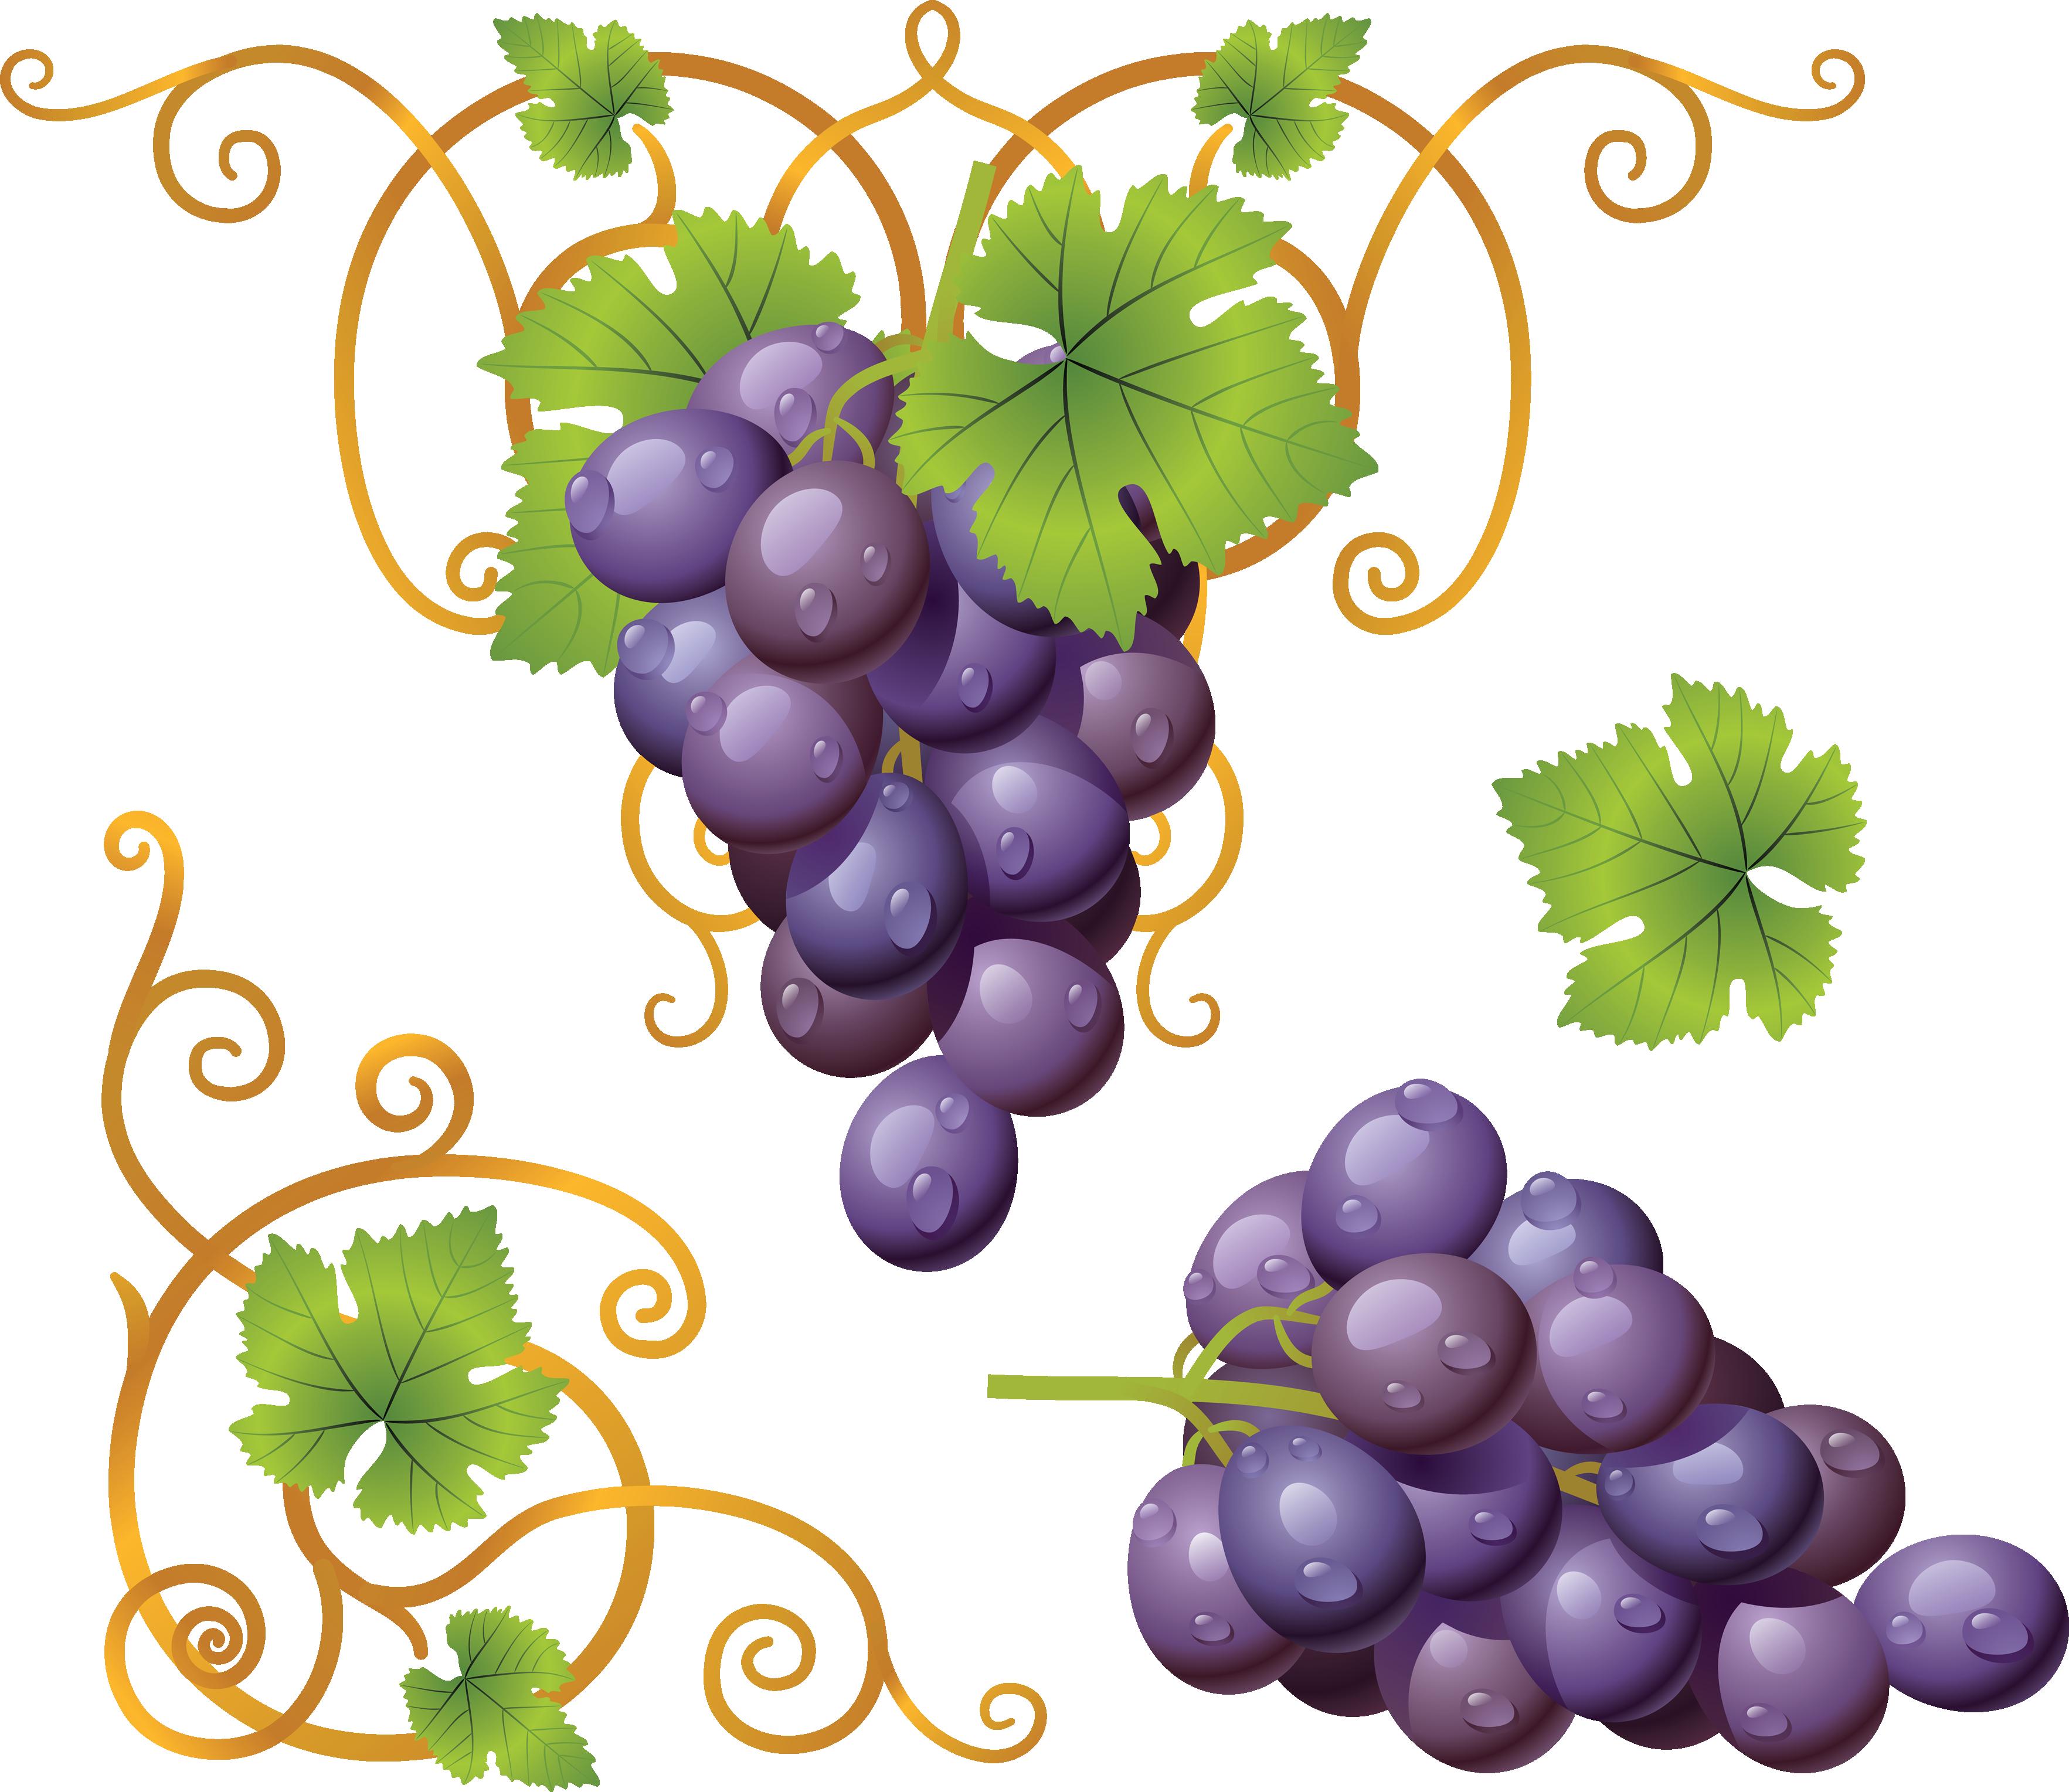 Grapes PNG Image